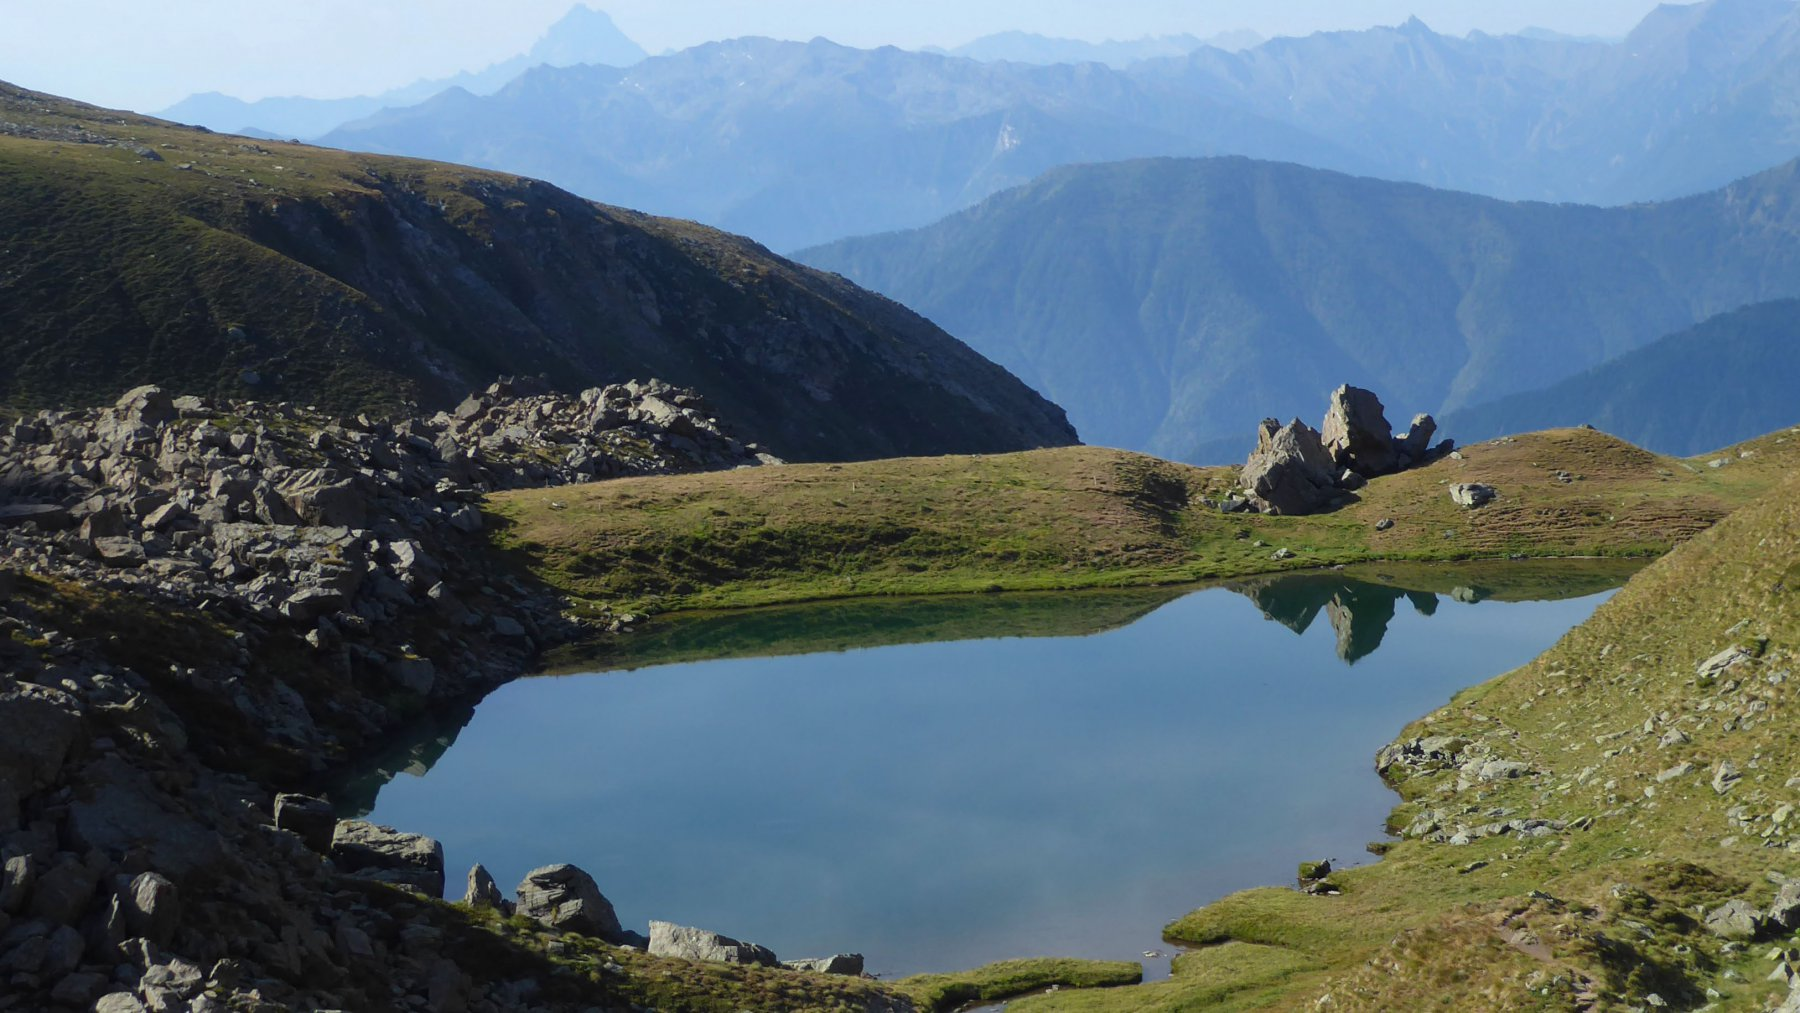 lago della manica